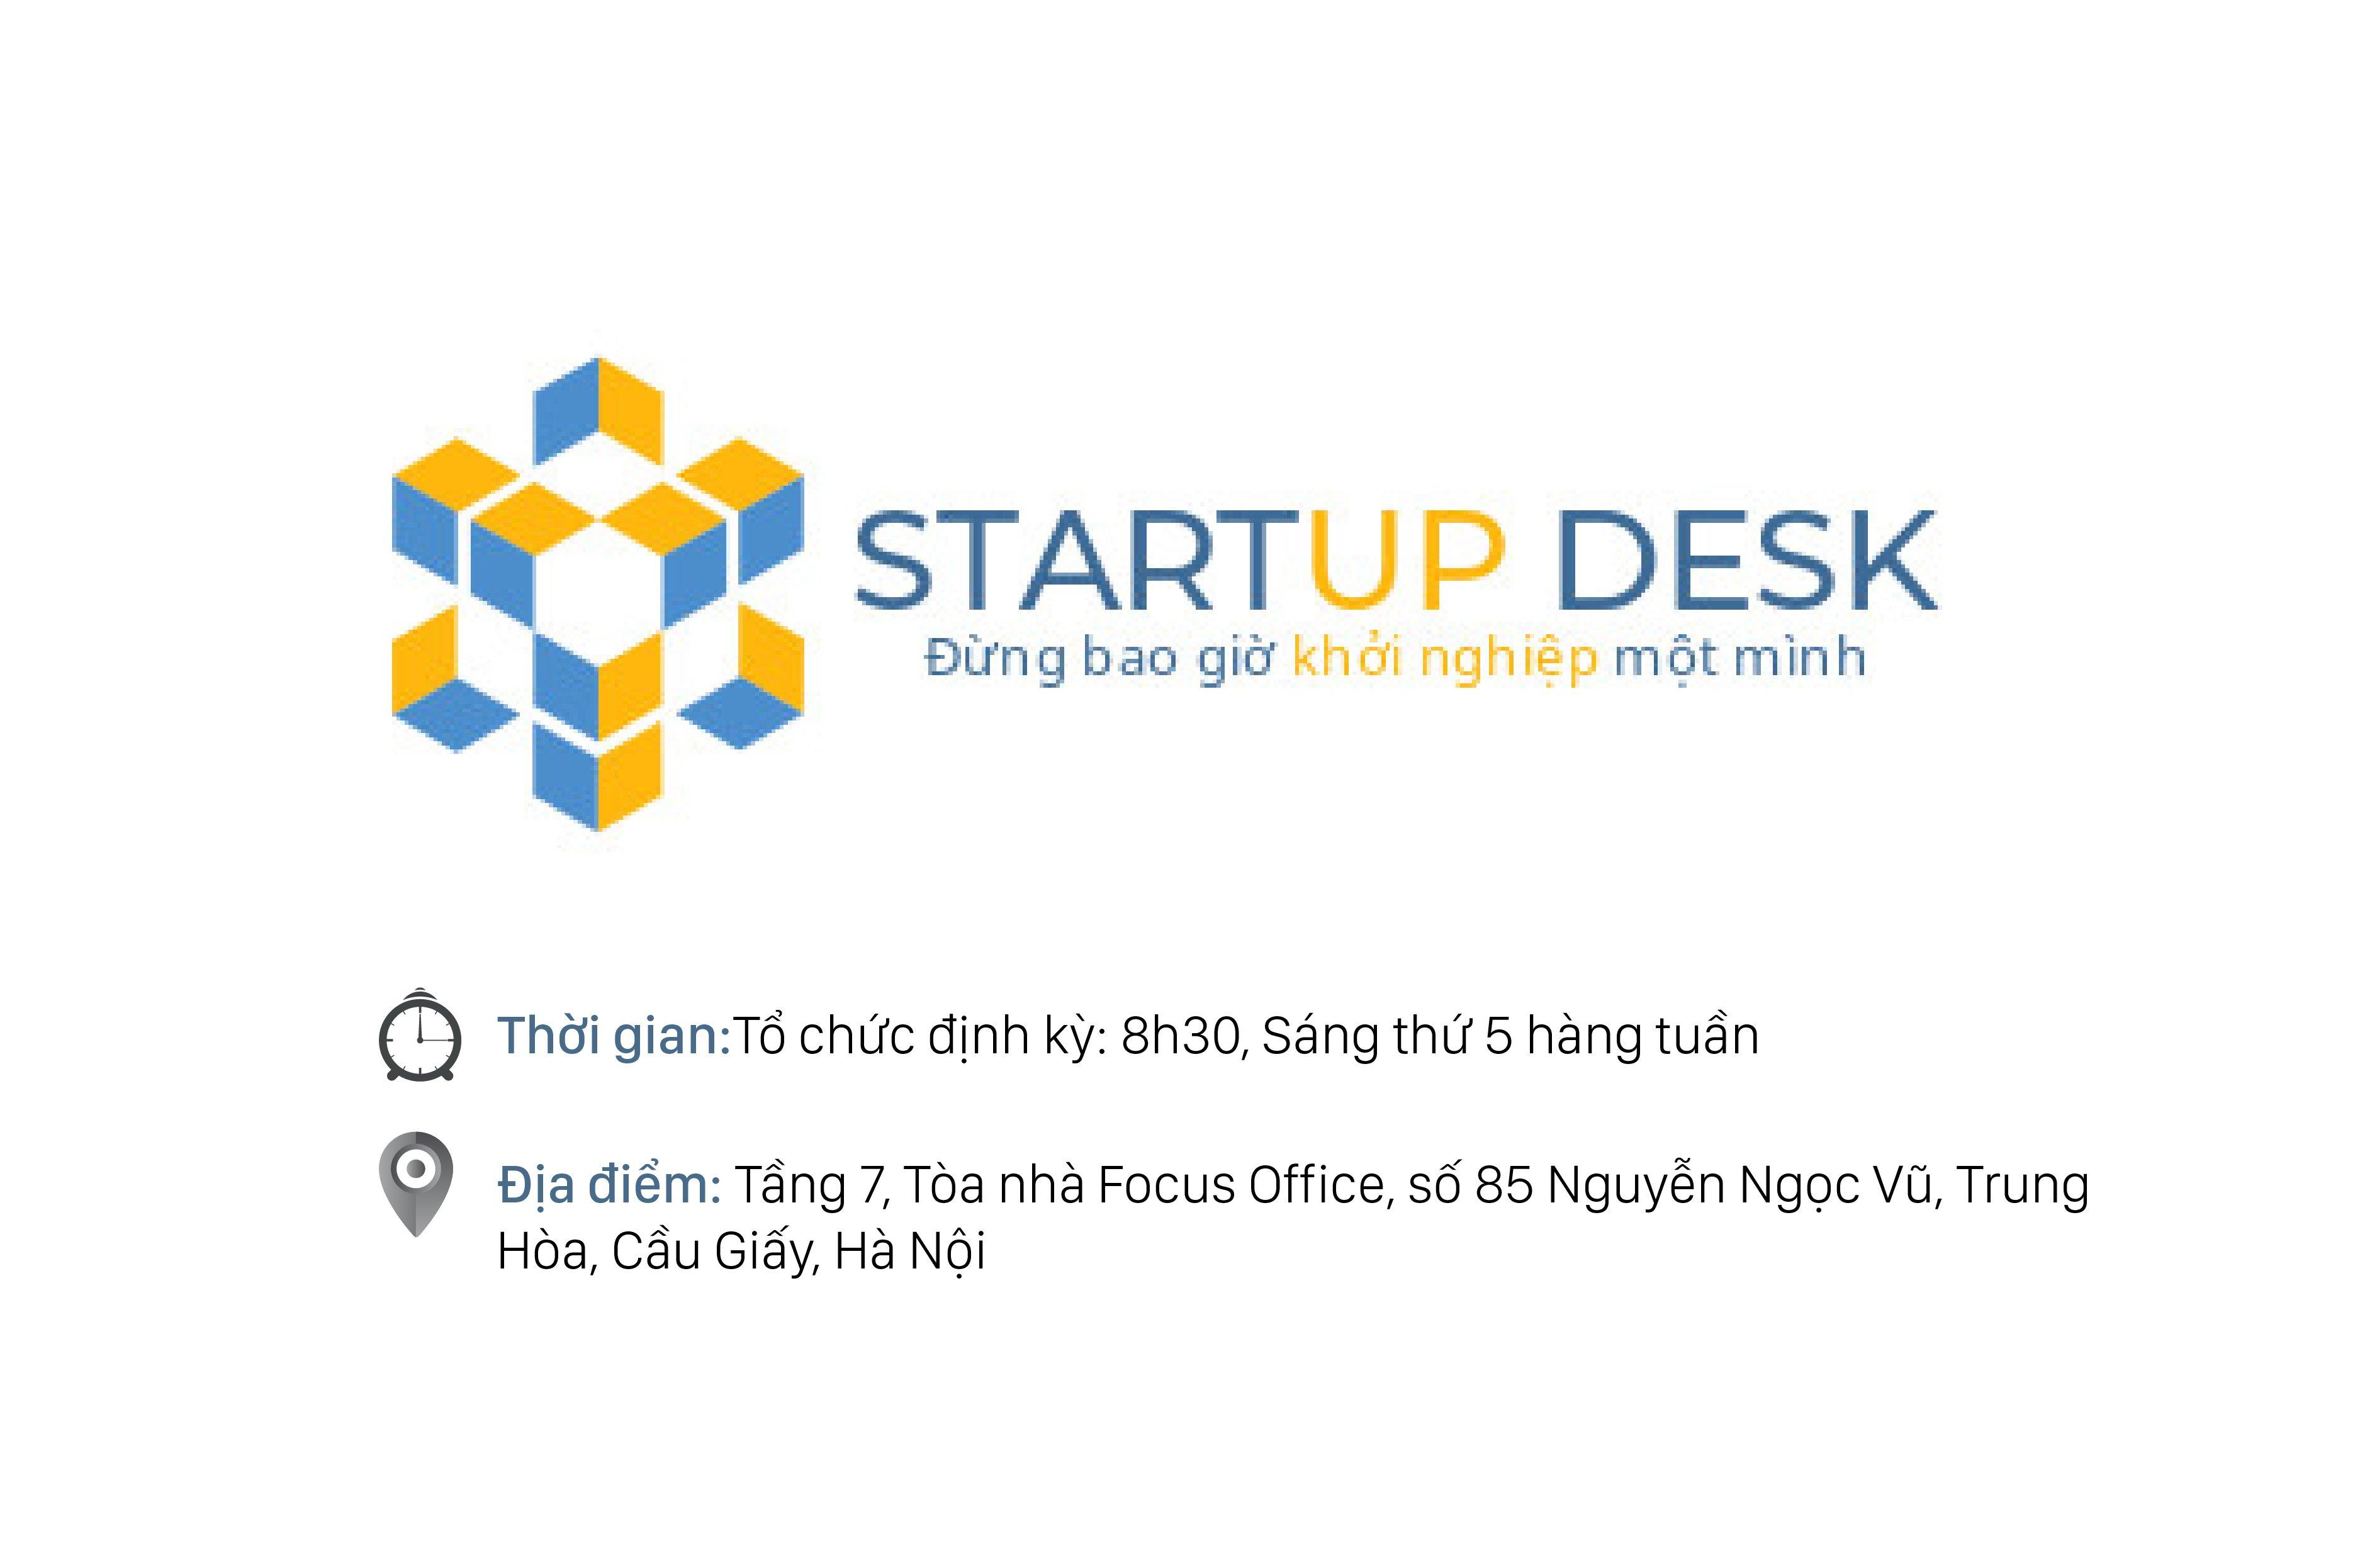 Chương trình bàn khởi nghiệp Startup Desk do Quỹ đầu tư Focus và BestB Capital đồng tổ chức